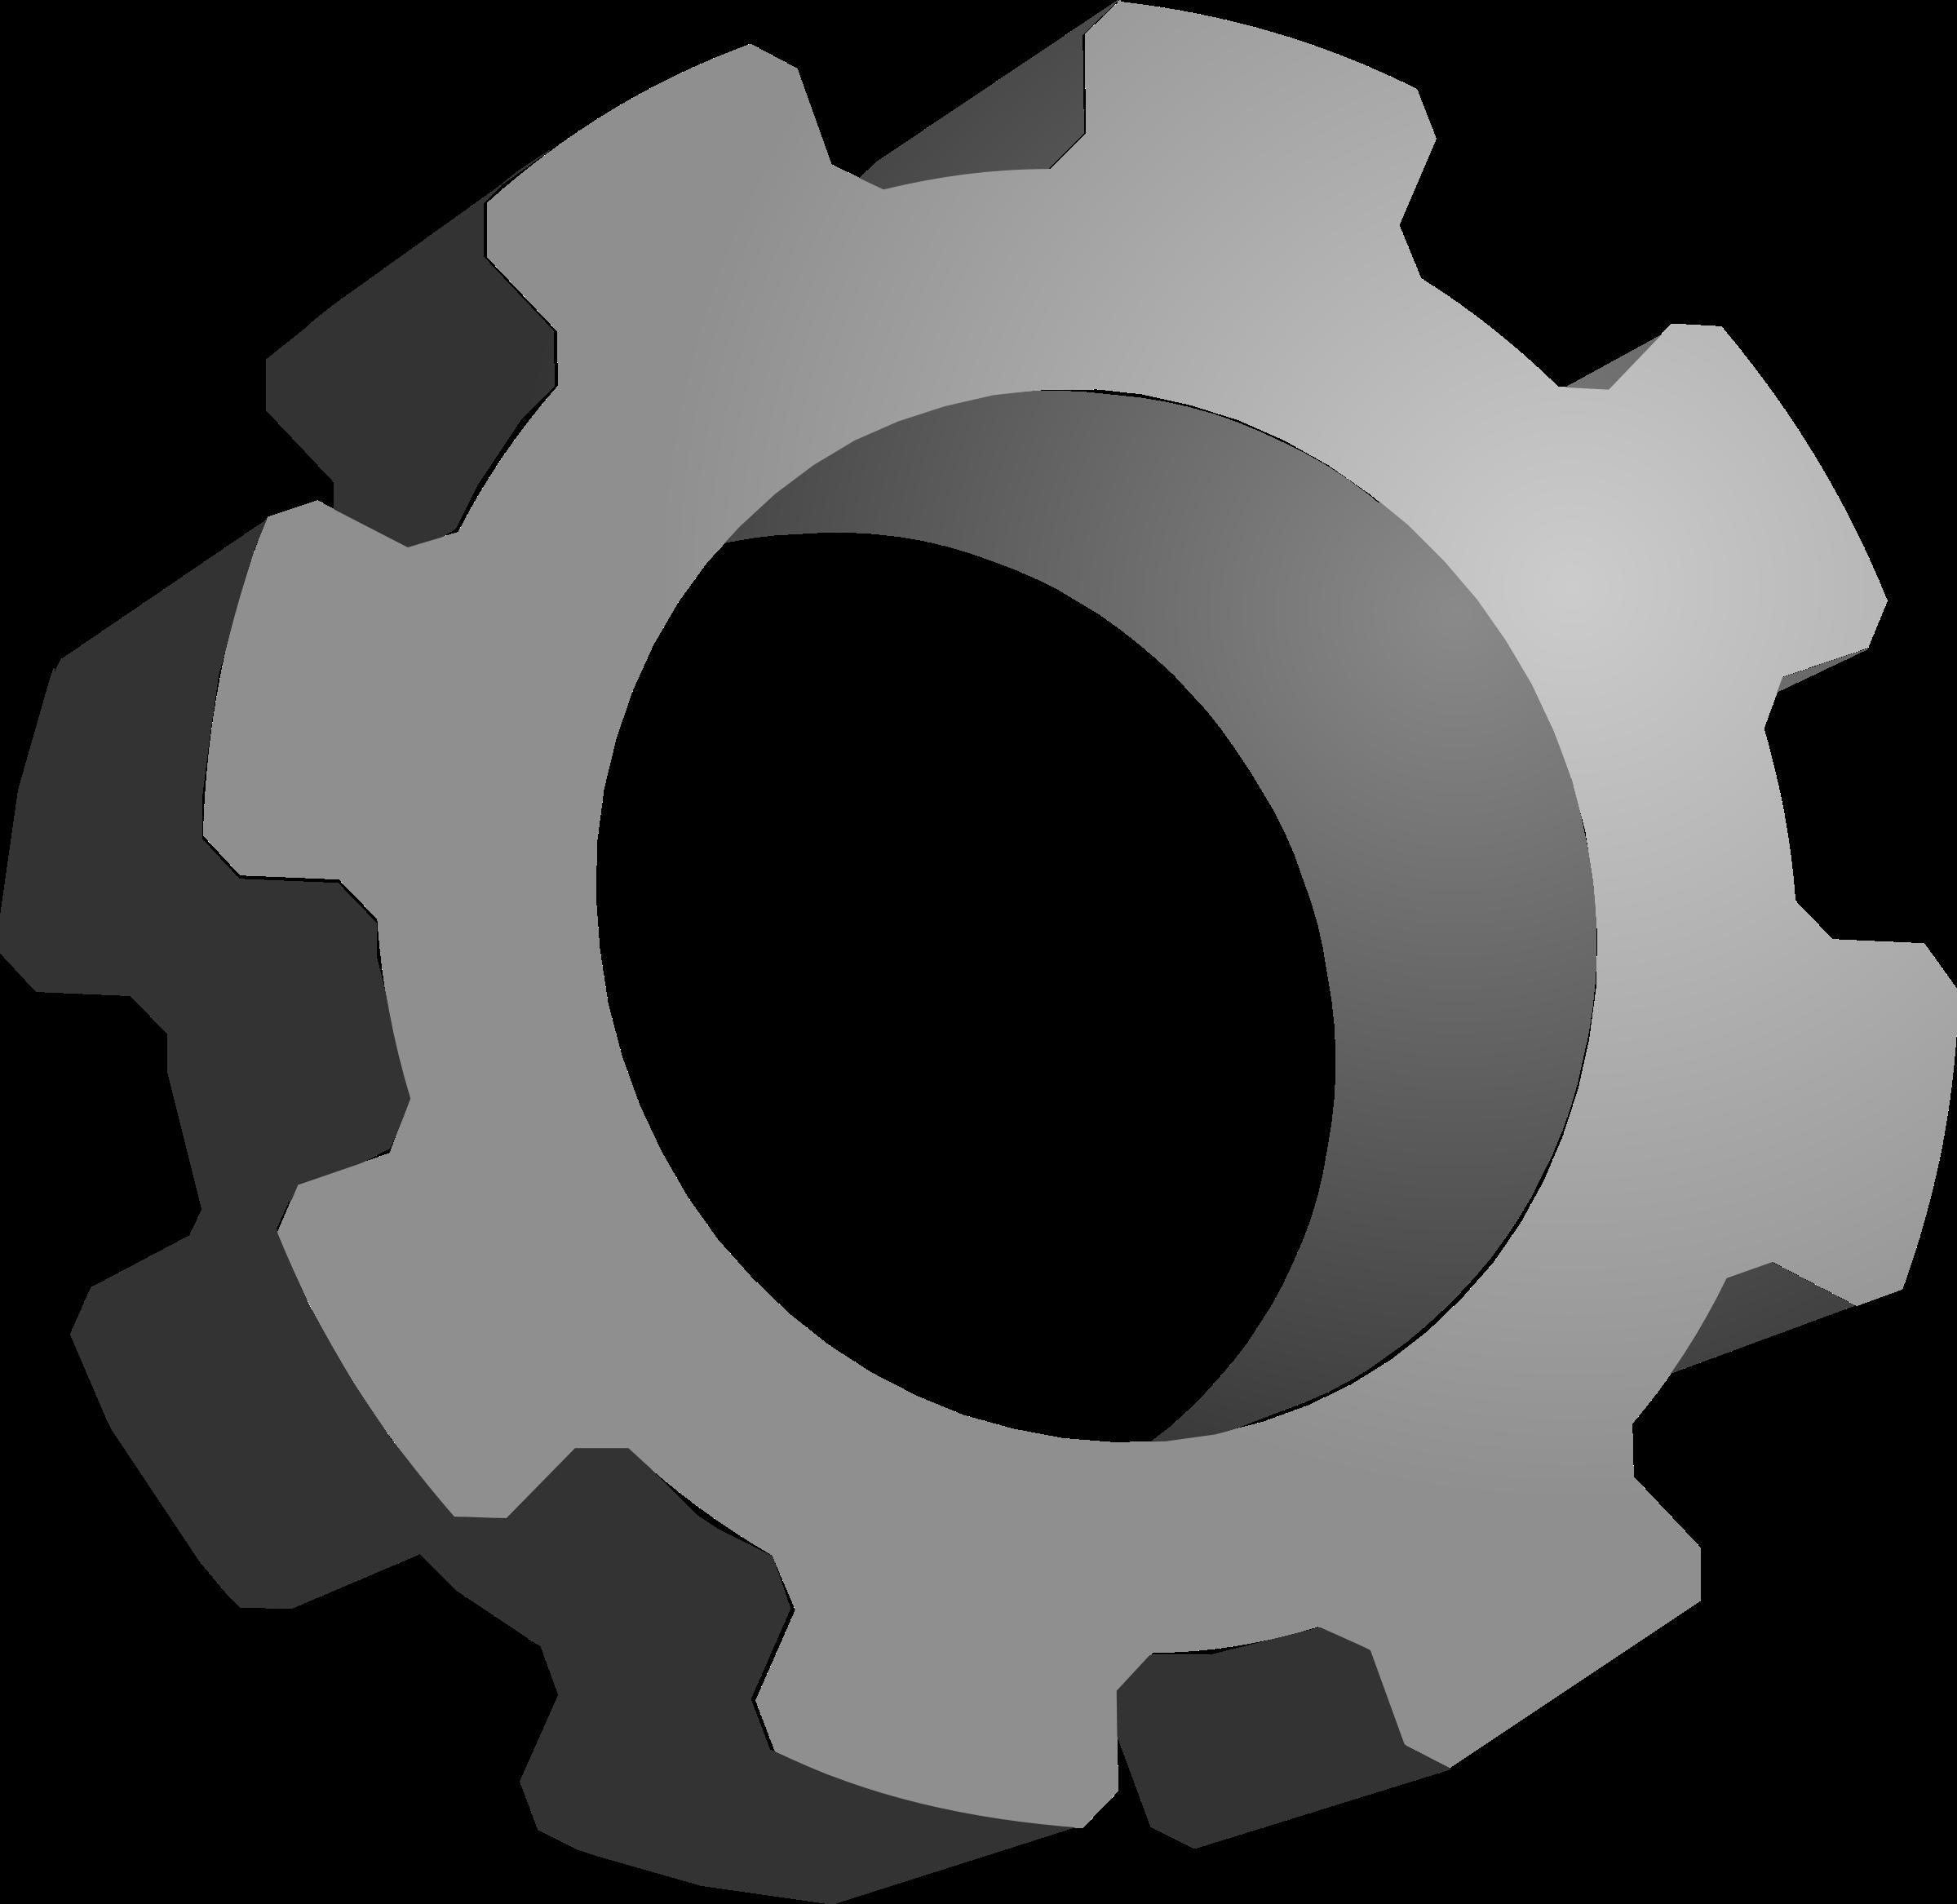 Gear d big image. Wheel clipart fancy